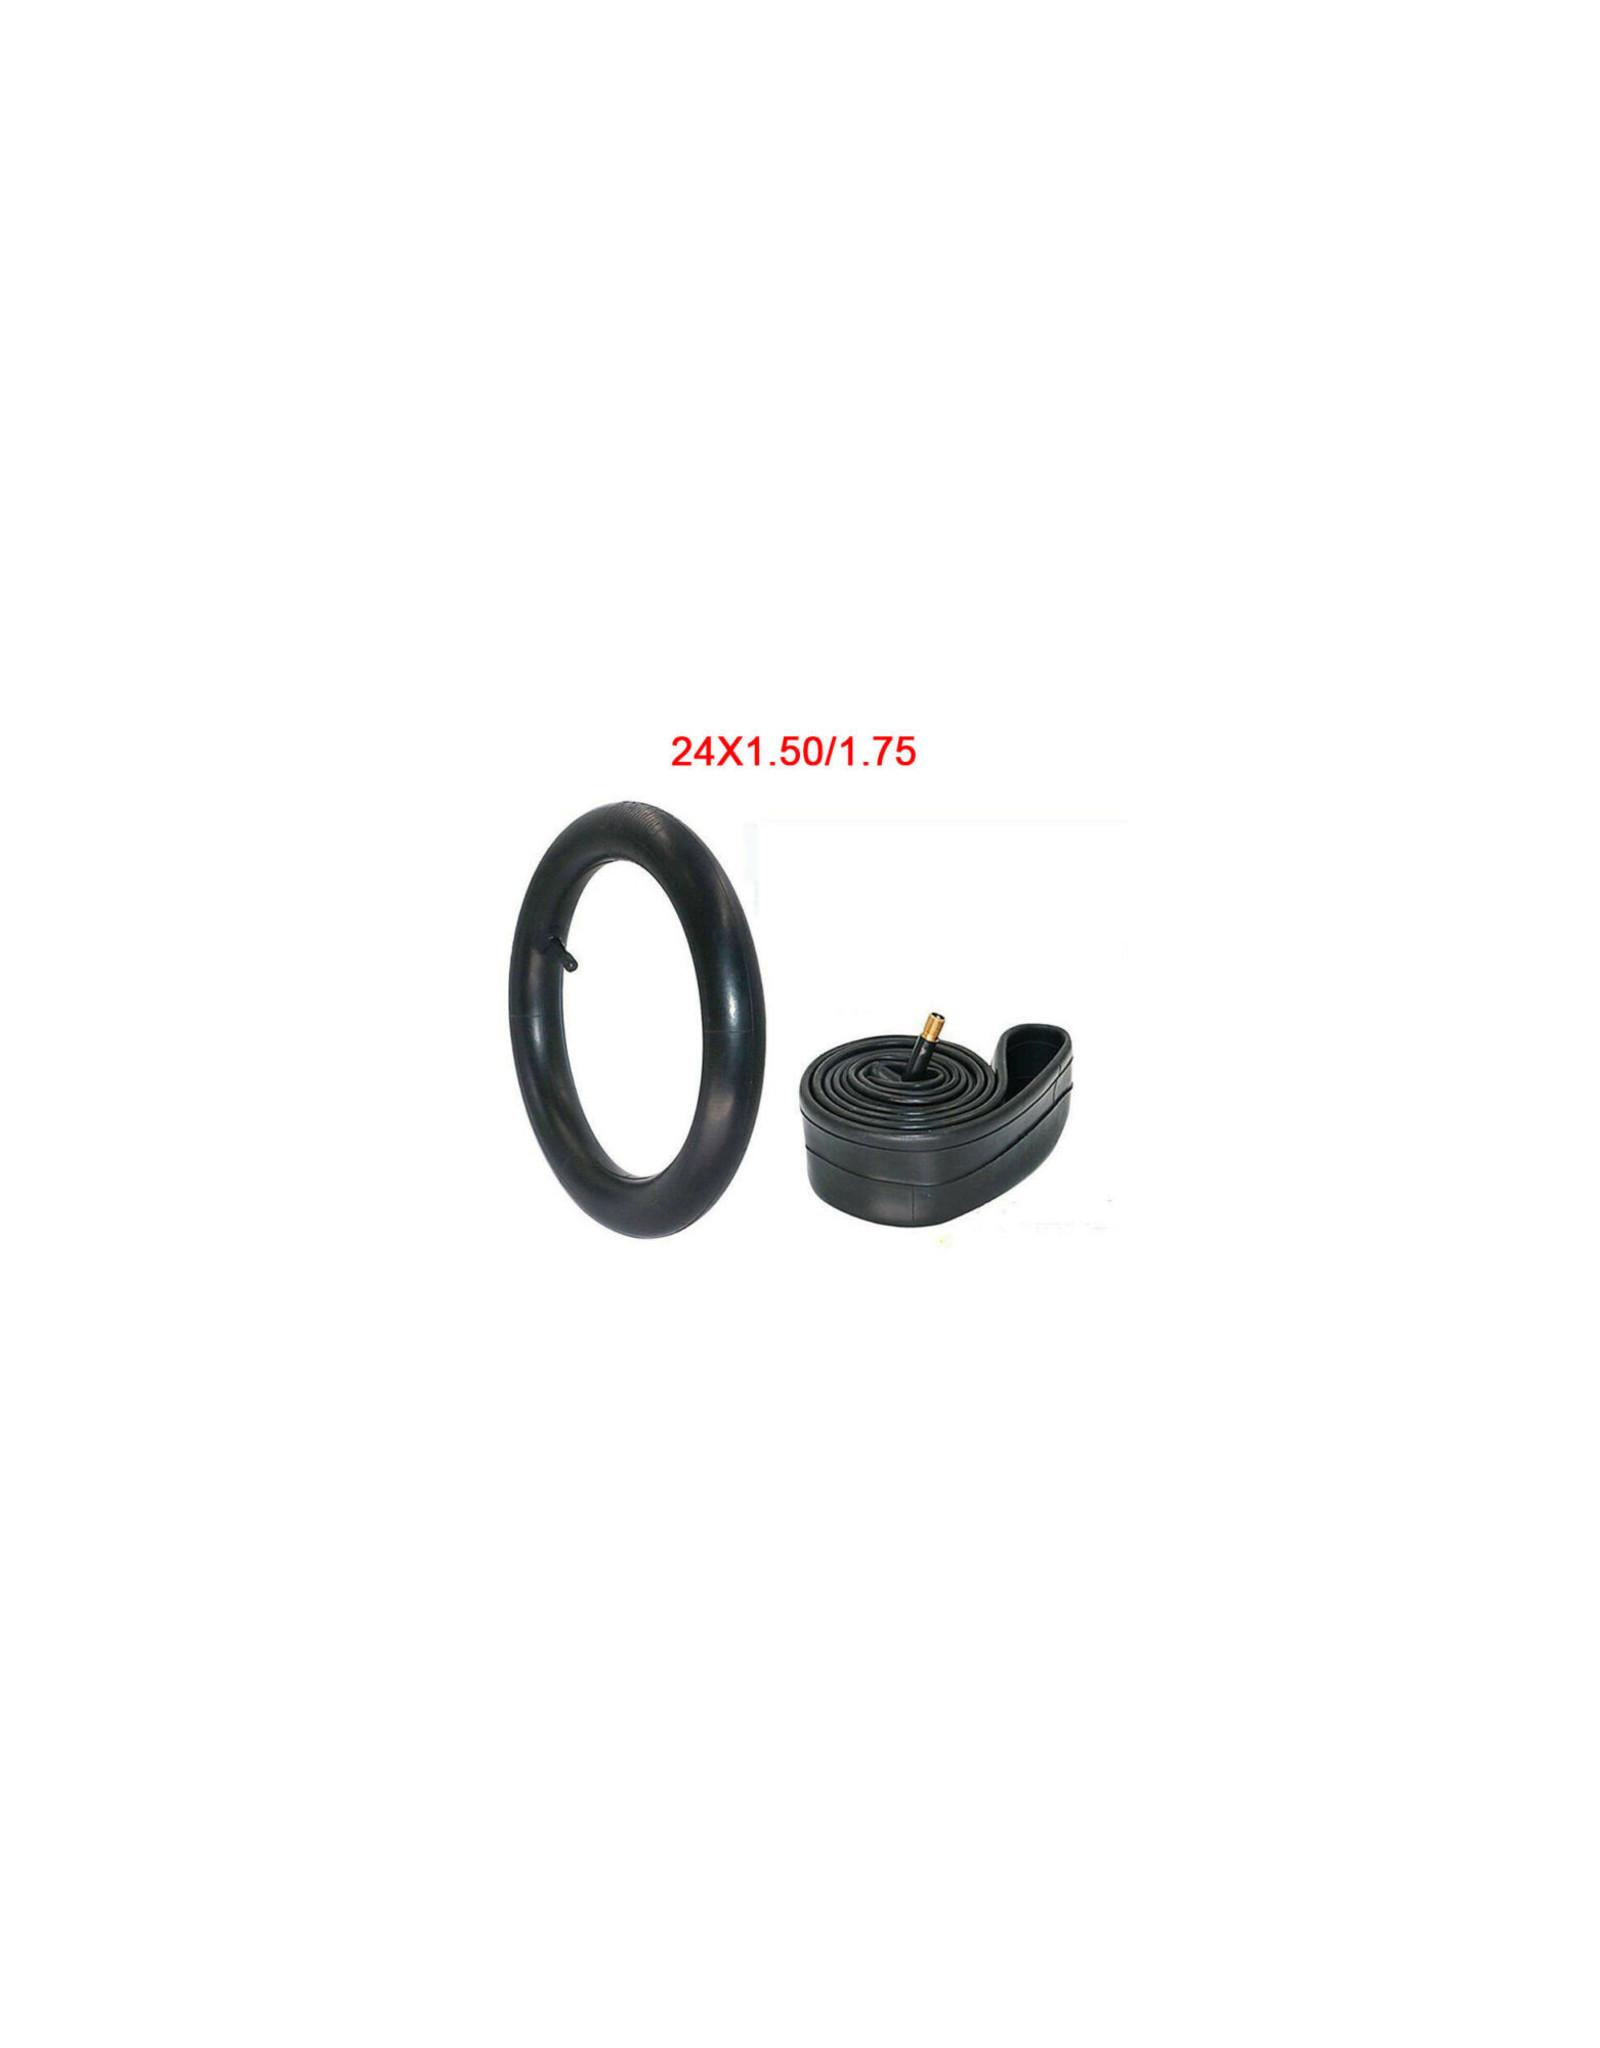 Evo EVO Tube Schrader 32mm 24X1.50-1.75